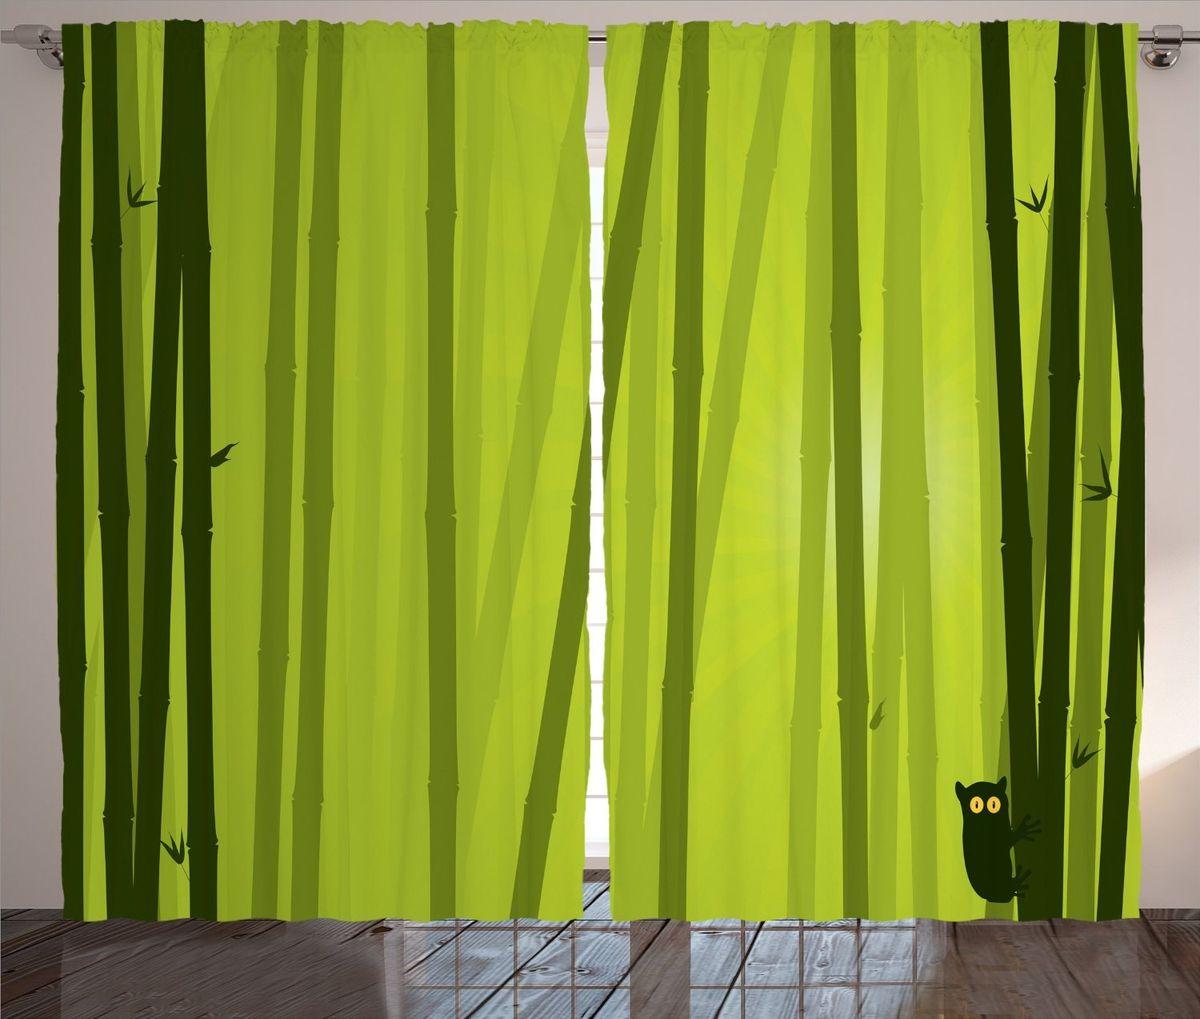 Комплект фотоштор Magic Lady Лемур на стеблях бамбука, на ленте, 290 х 265 смKGB GX-3Компания Сэмболь изготавливает шторы из высококачественного сатена (полиэстер 100%). При изготовлении используются специальные гипоаллергенные чернила для прямой печати по ткани, безопасные для человека и животных. Экологичность продукции Magic lady и безопасность для окружающей среды подтверждены сертификатом Oeko-Tex Standard 100. Крепление: крючки для крепления на шторной ленте (50 шт.). Возможно крепление на трубу. Внимание! При нанесении сублимационной печати на ткань технологическим методом при температуре 240 С, возможно отклонение полученных размеров (указанных на этикетке и сайте) от стандартных на + - 3-5 см. Мы стараемся максимально точно передать цвета изделия на наших фотографиях, однако искажения неизбежны и фактический цвет изделия может отличаться от воспринимаемого по фото. Обратите внимание! Шторы изготовлены из полиэстра сатенового переплетения, а не из сатина (хлопок). Размер одного полотна шторы: 145*265 см. В комплекте 2 полотна шторы и 50 крючков.